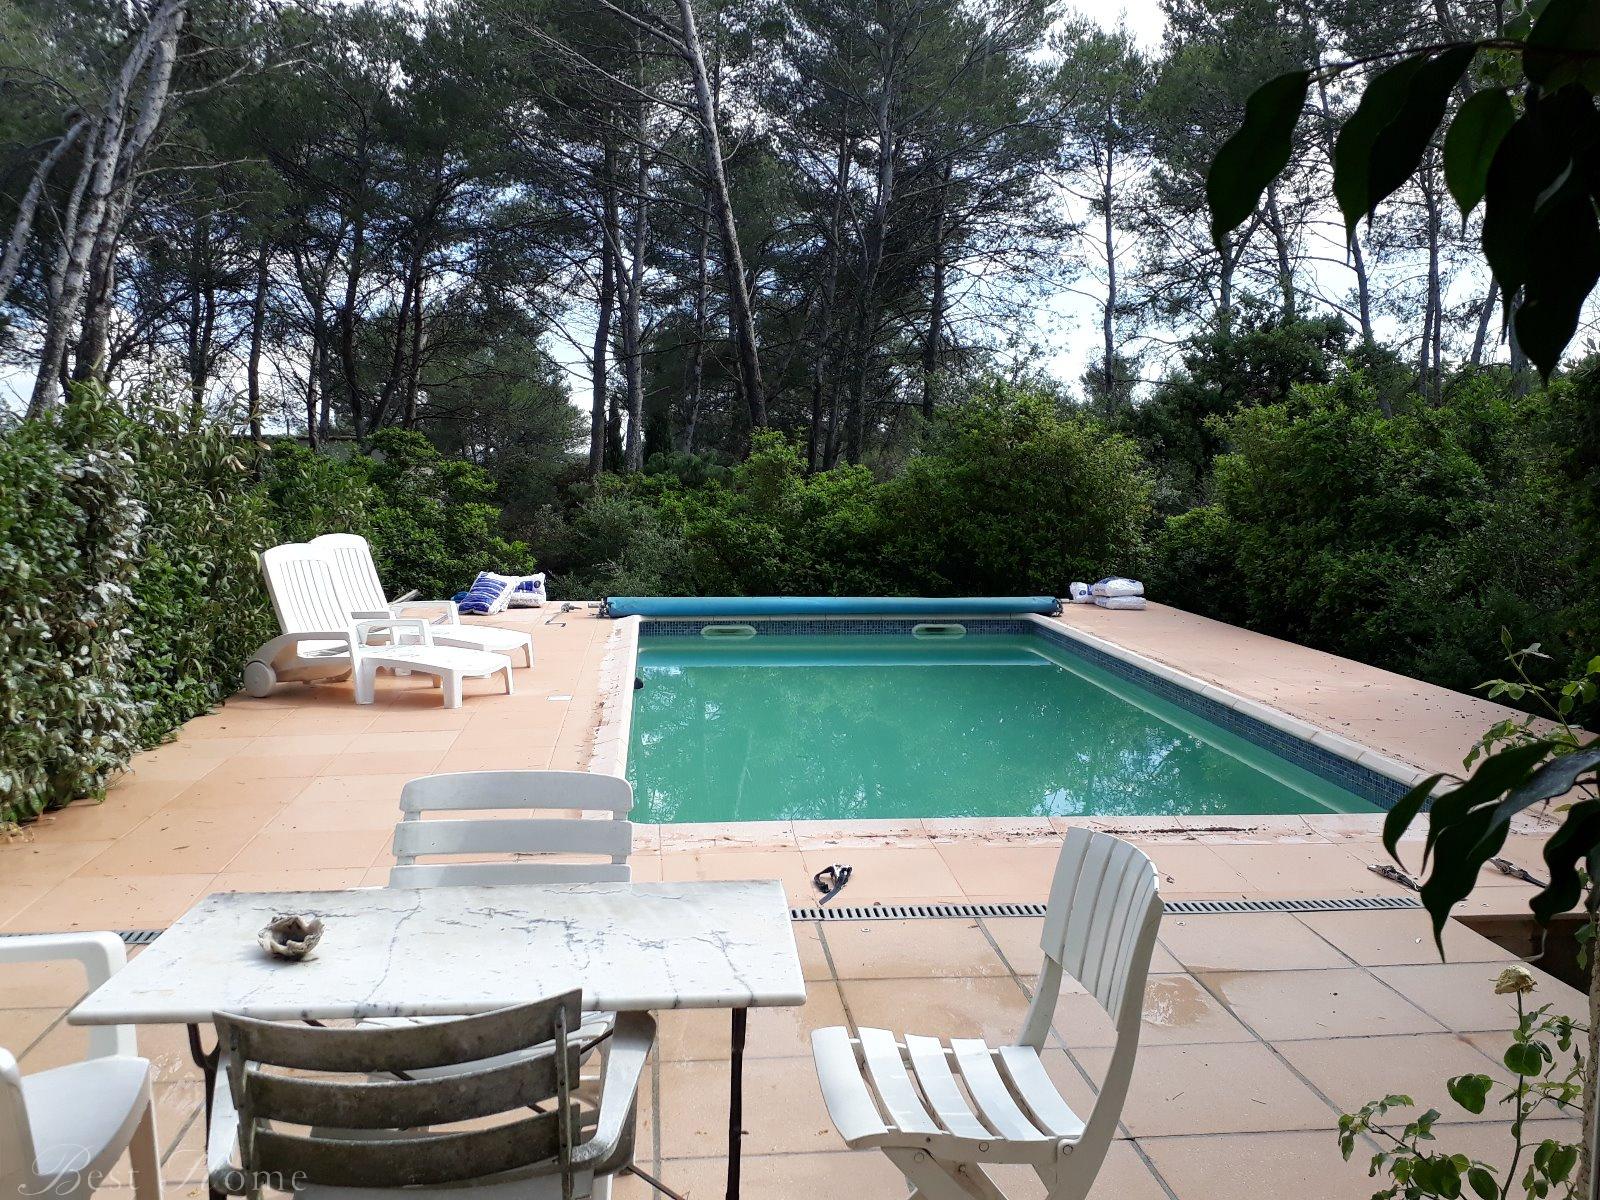 vente nouveaut vente maison d architecte colline nord de nimes 4 chambres piscine best. Black Bedroom Furniture Sets. Home Design Ideas